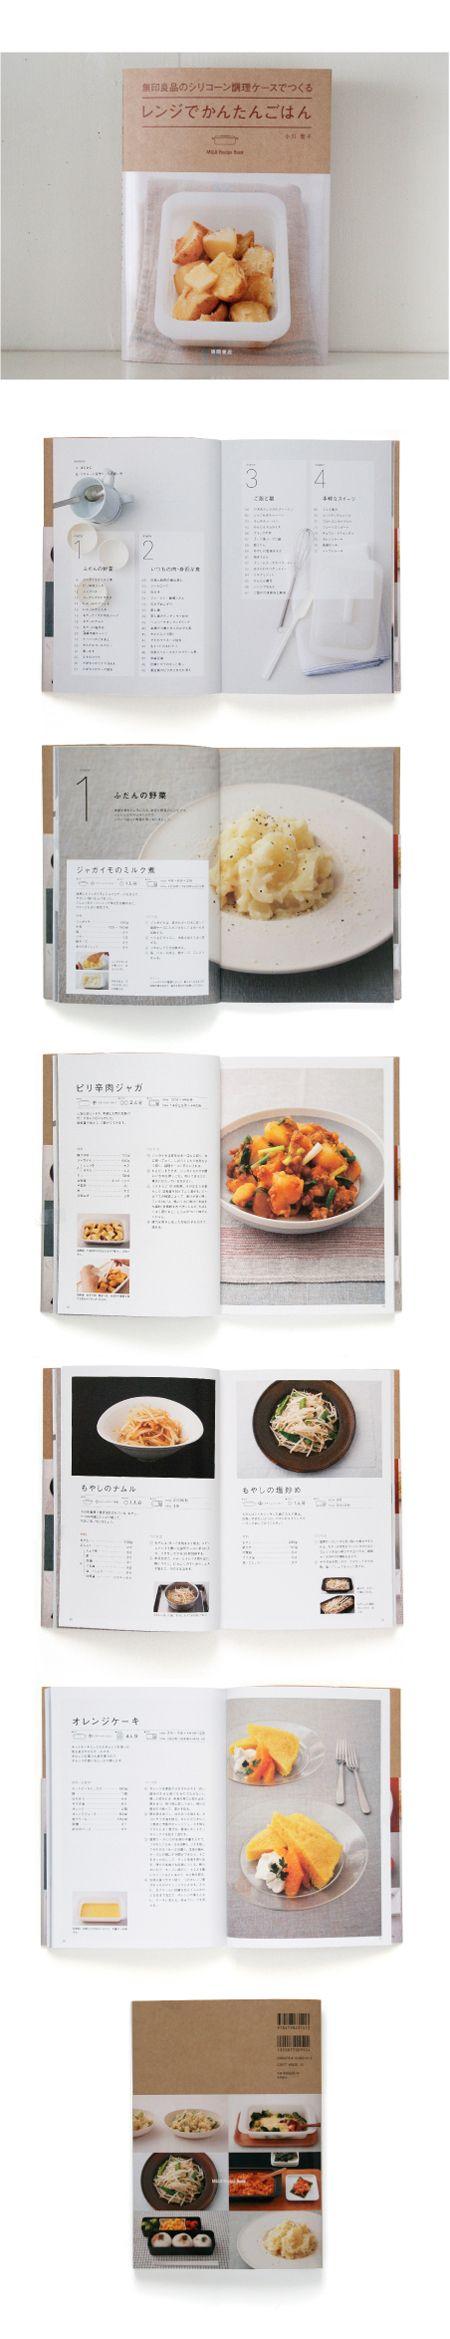 『無印良品のシリコーン調理ケースでつくるレンジでかんたんごはん』  徳間書店